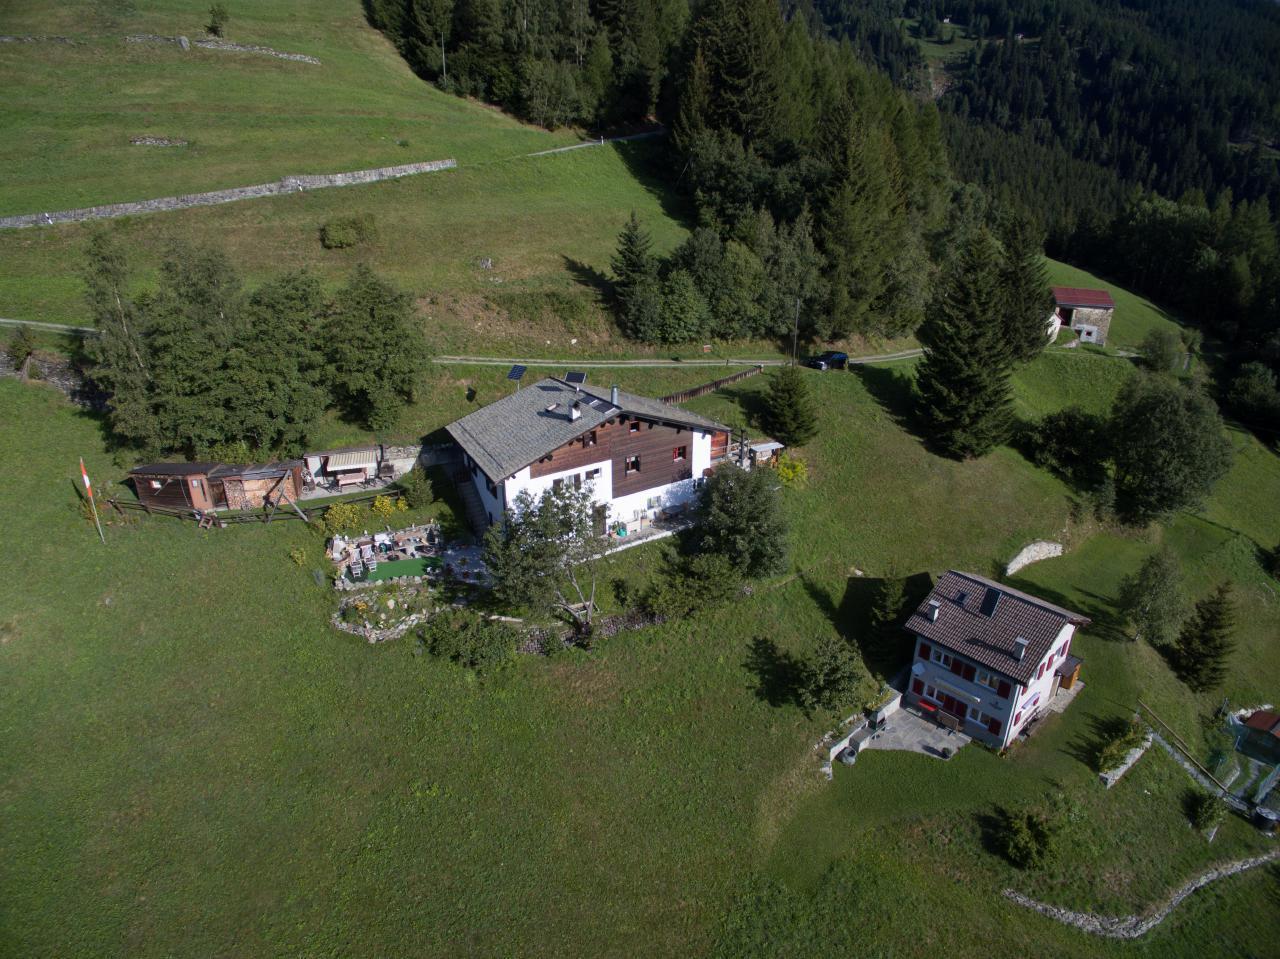 Appartement de vacances Alpe Monte Massella (334453), Poschiavo, Vallée de Poschiavo, Grisons, Suisse, image 9